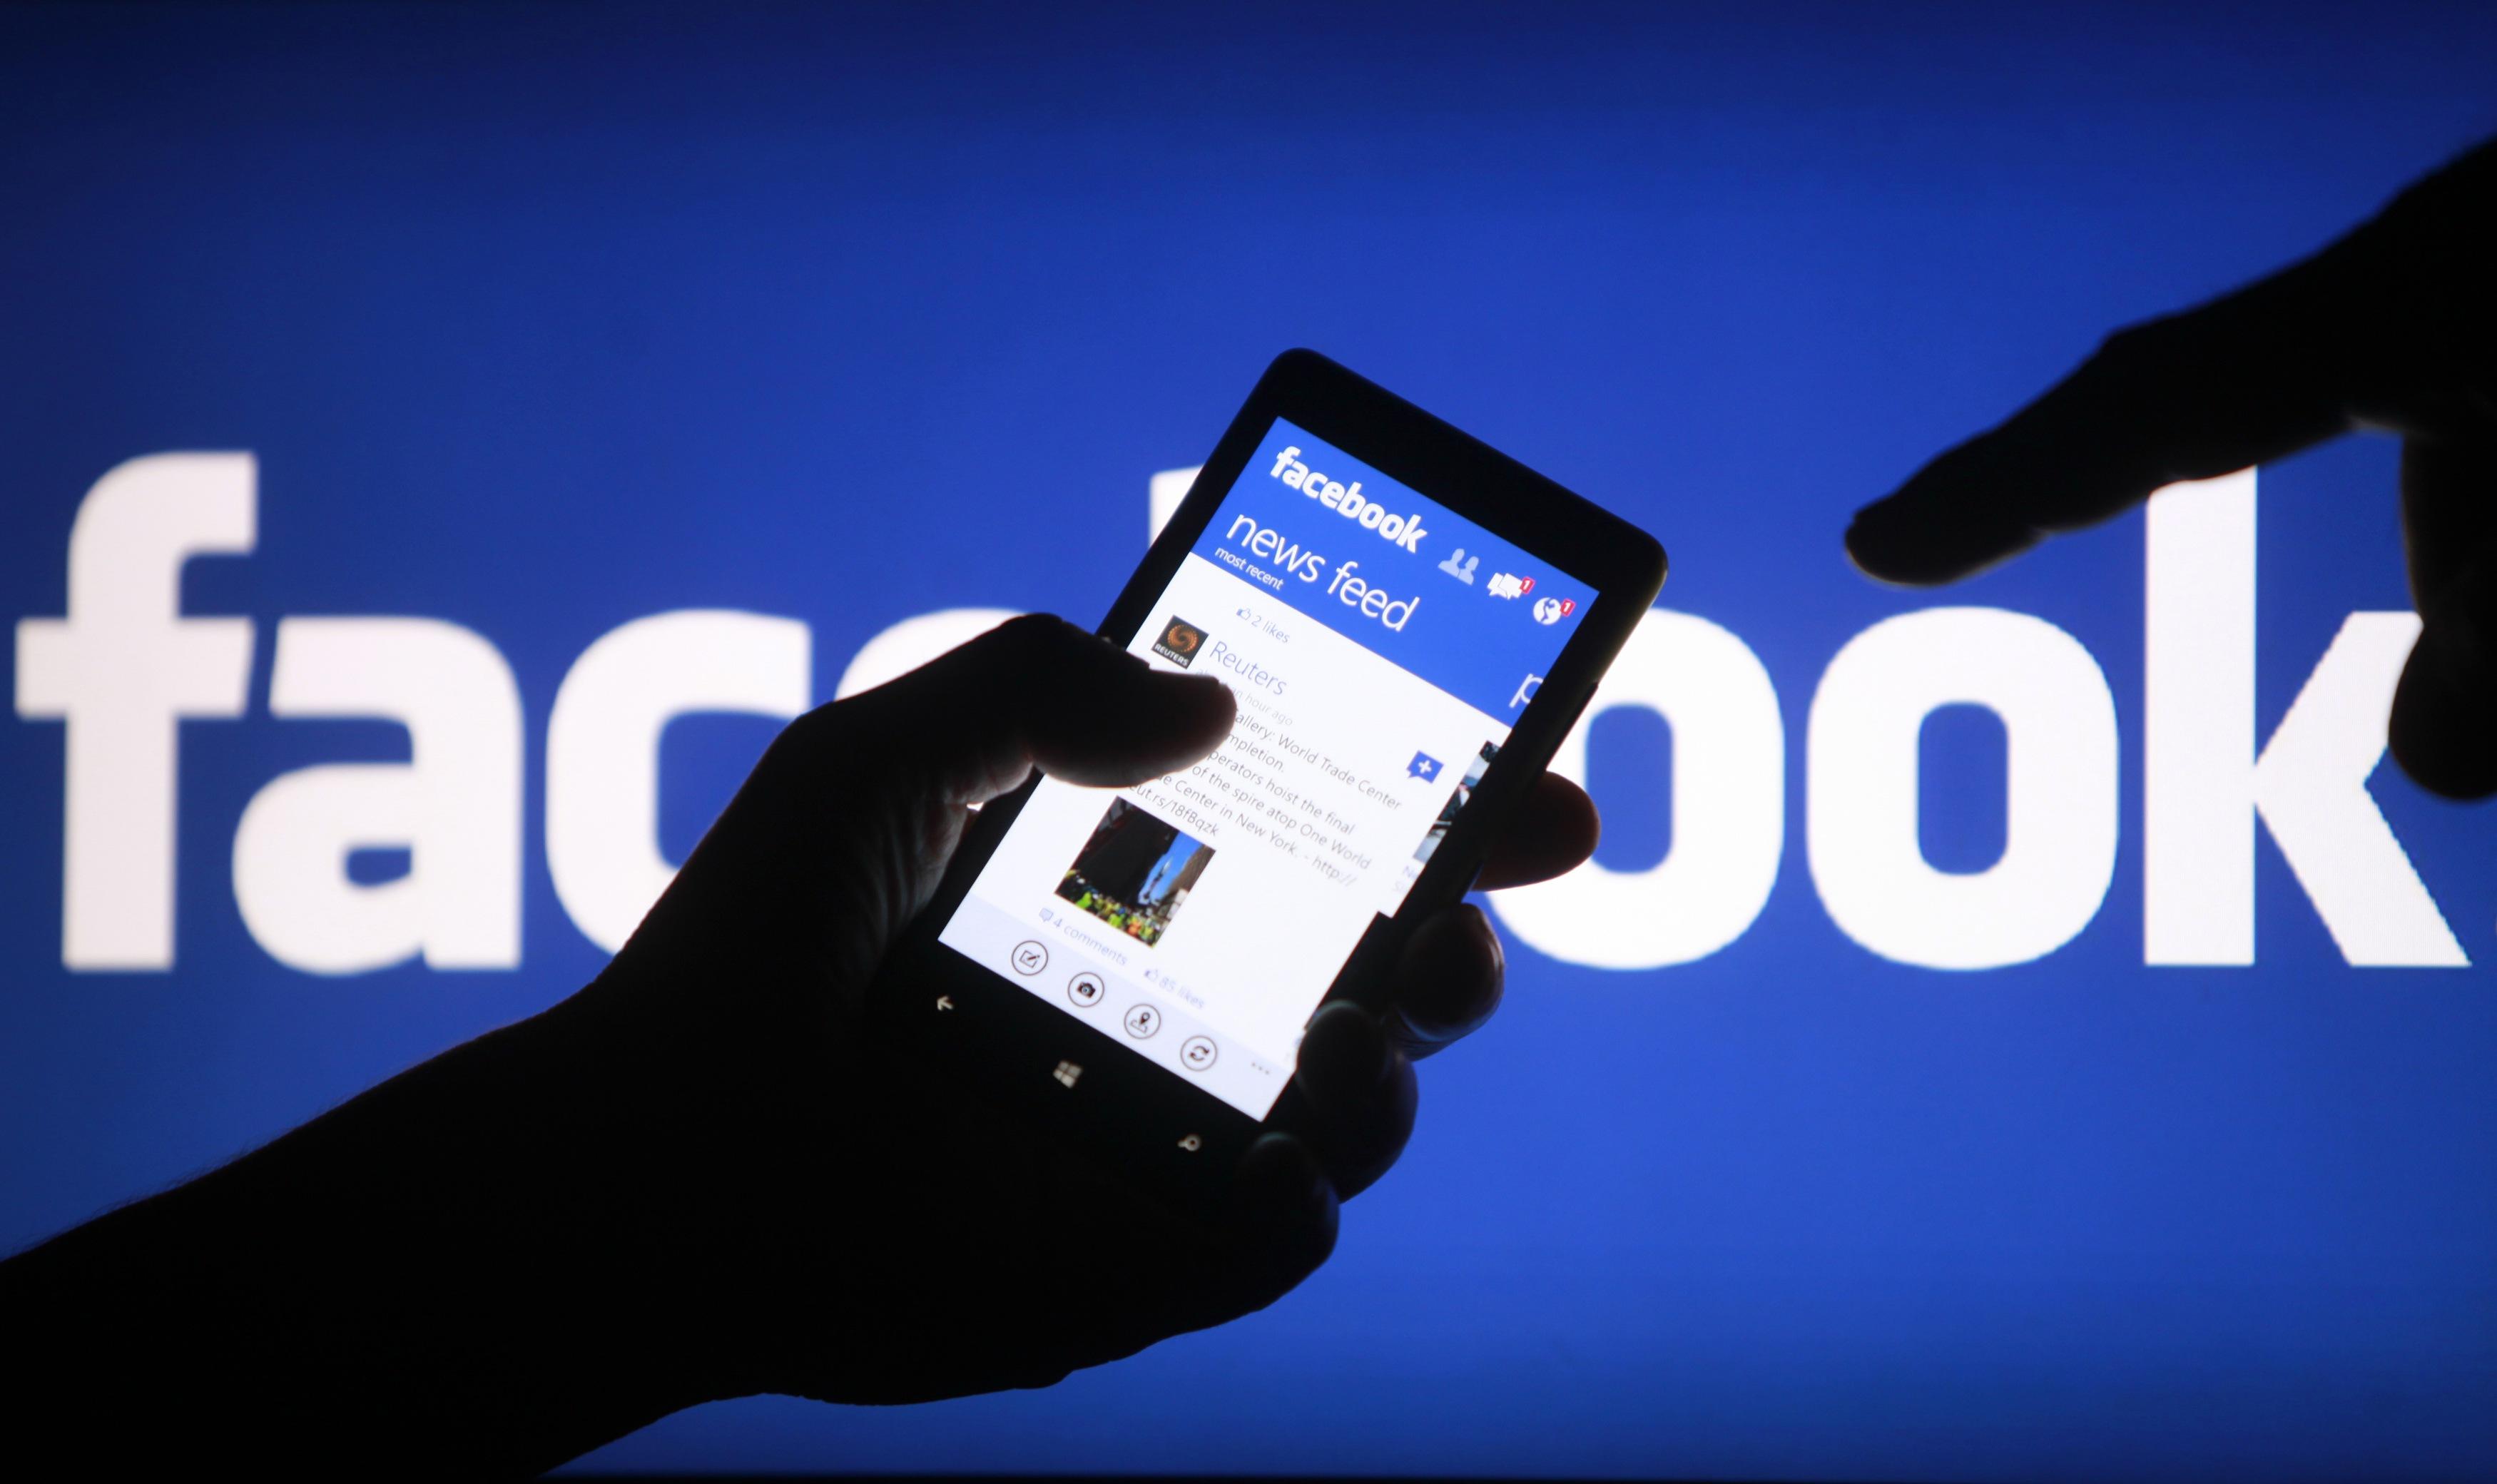 فيسبوك: عدد المستخدمين بلغ أكثر من ربع سكان العالم